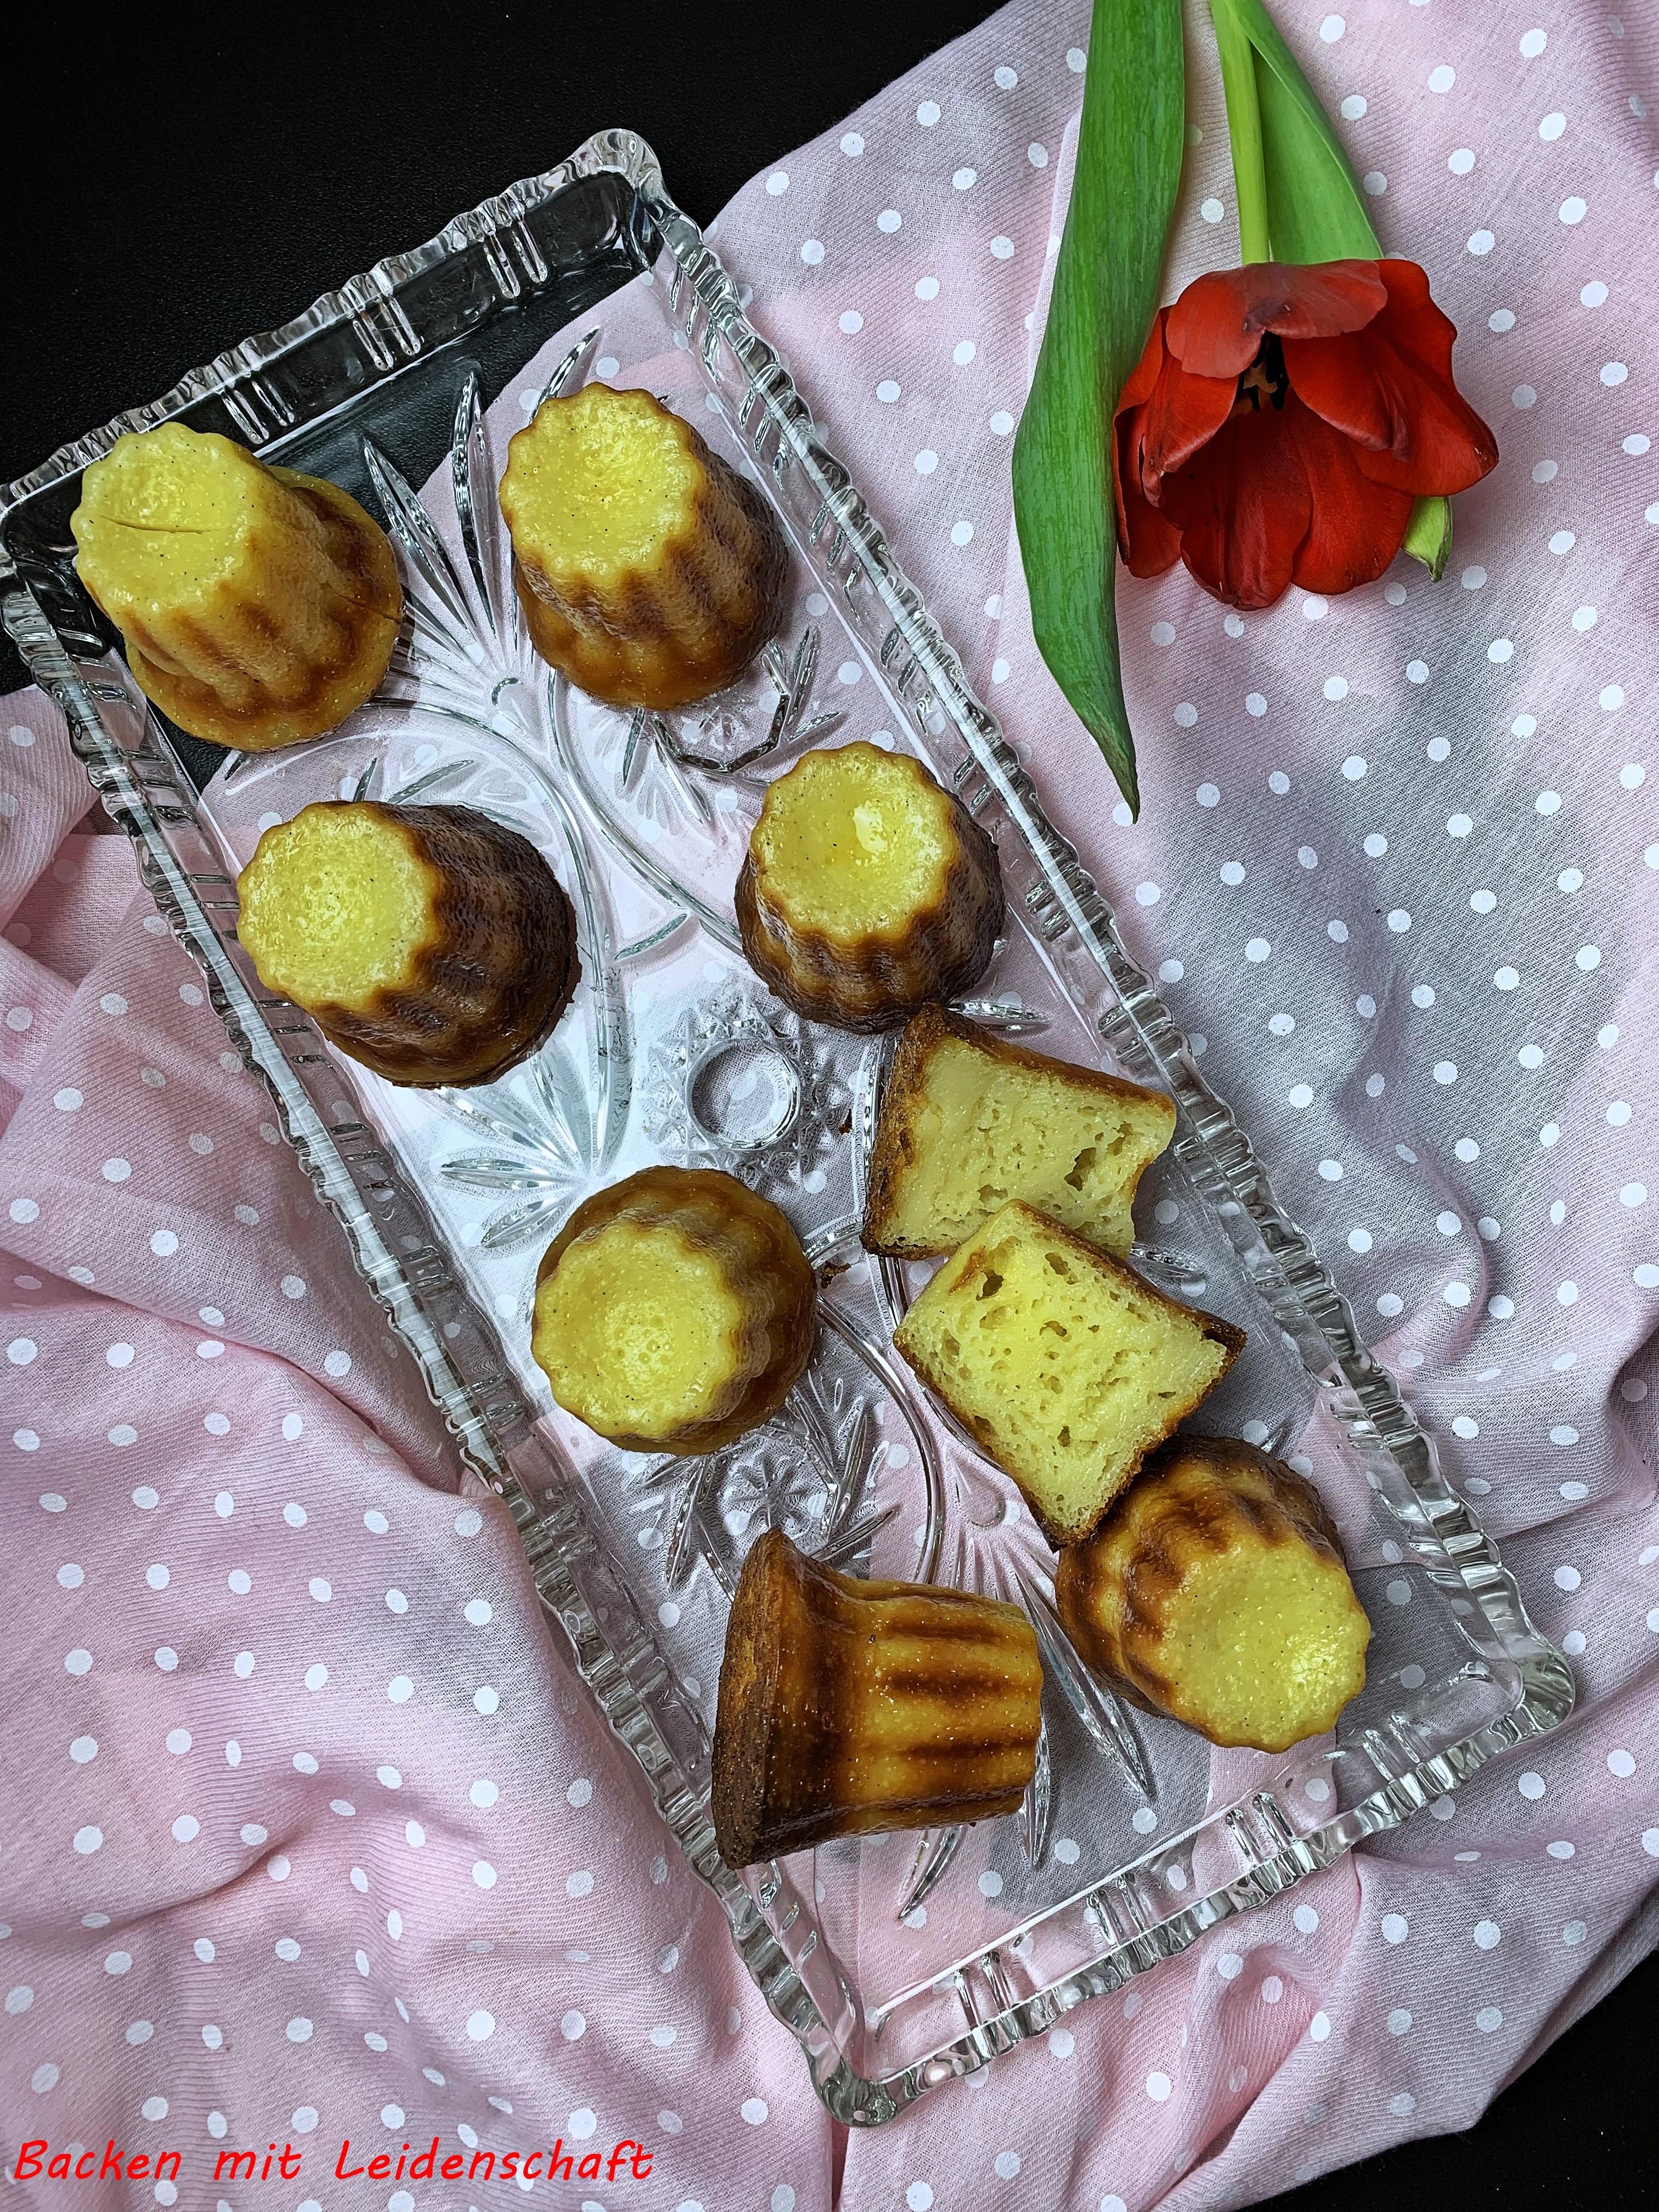 Canelés…kleines, köstliches Gebäck aus Frankreich